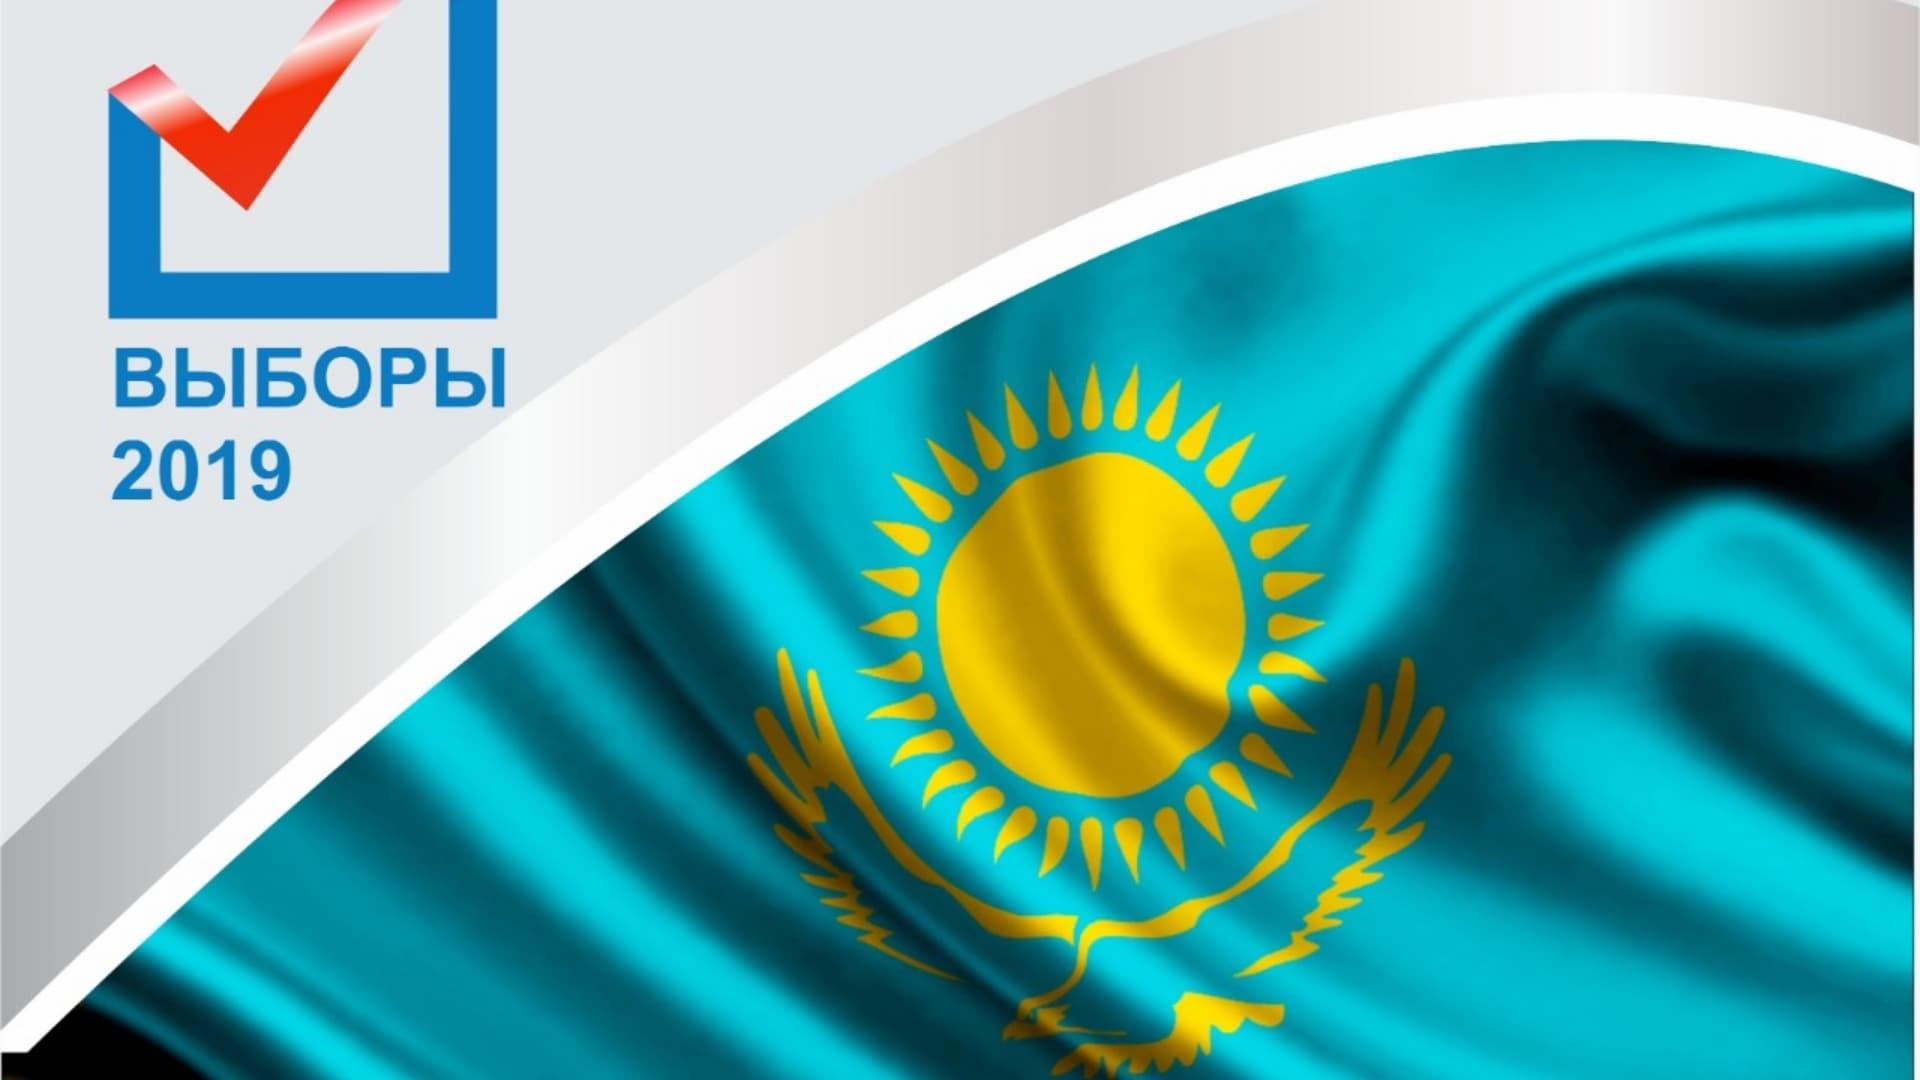 Казахстанские СМИ равномерно освещали деятельность всех кандидатов в Президенты – Мининформации